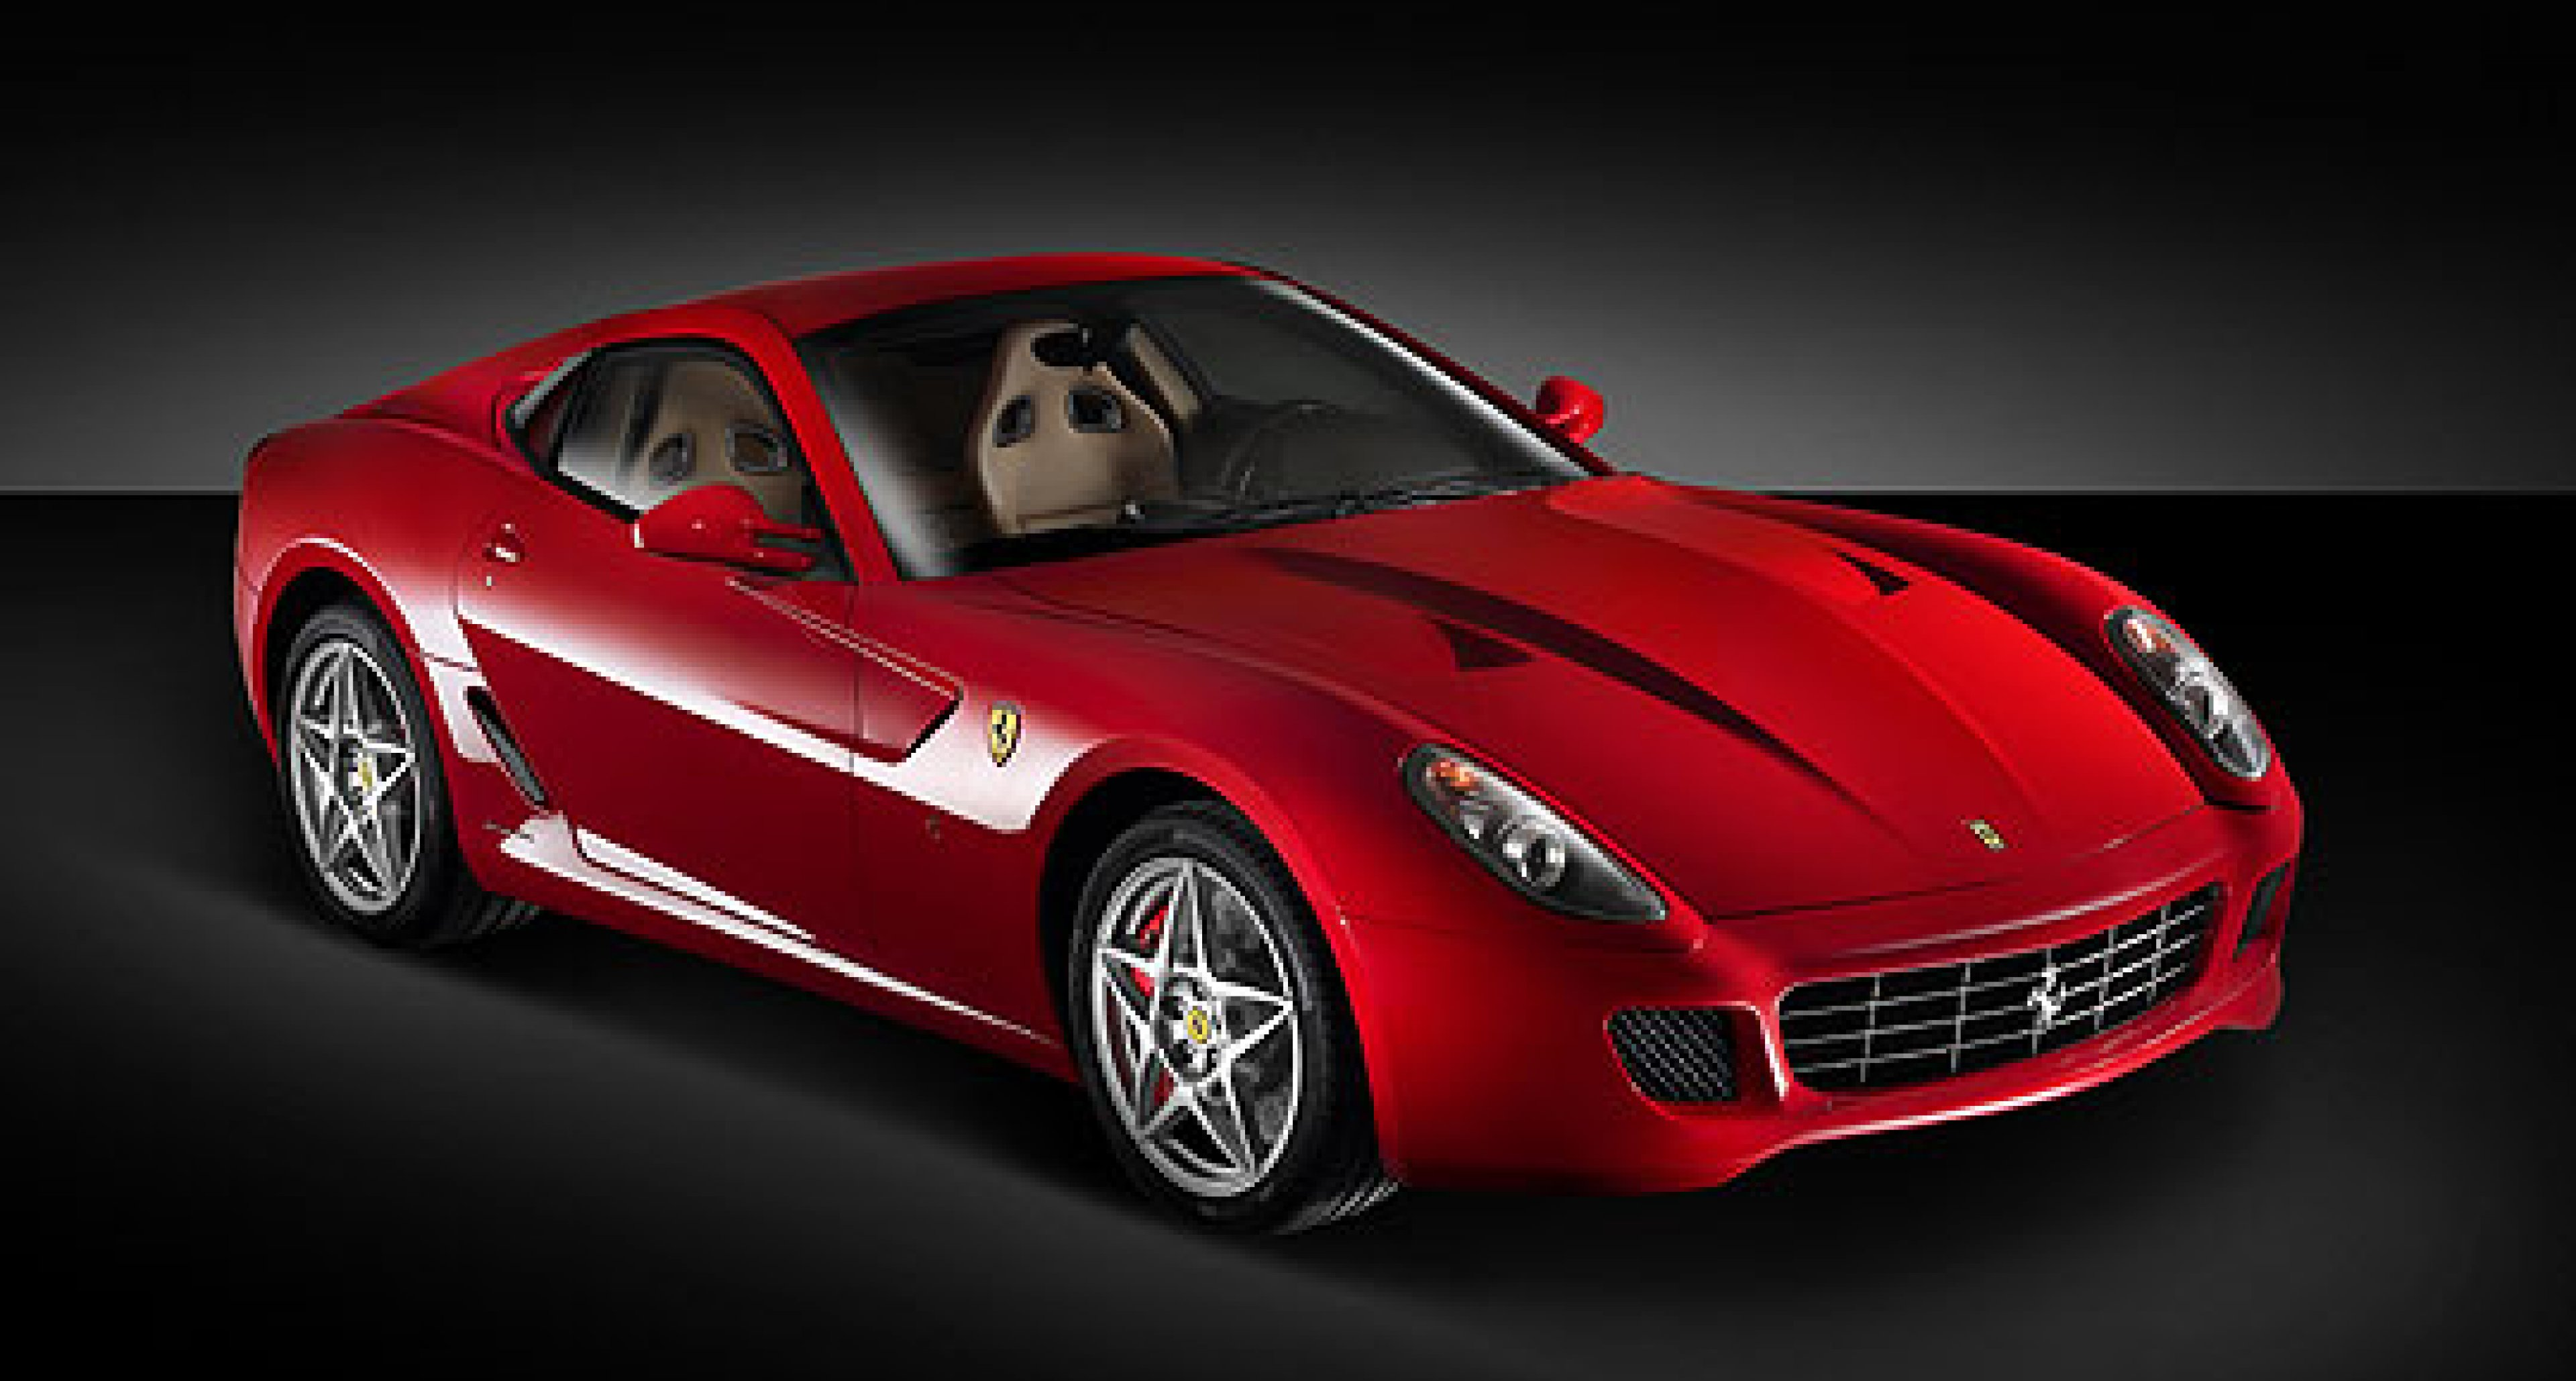 The Ferrari 599 GTB Fiorano